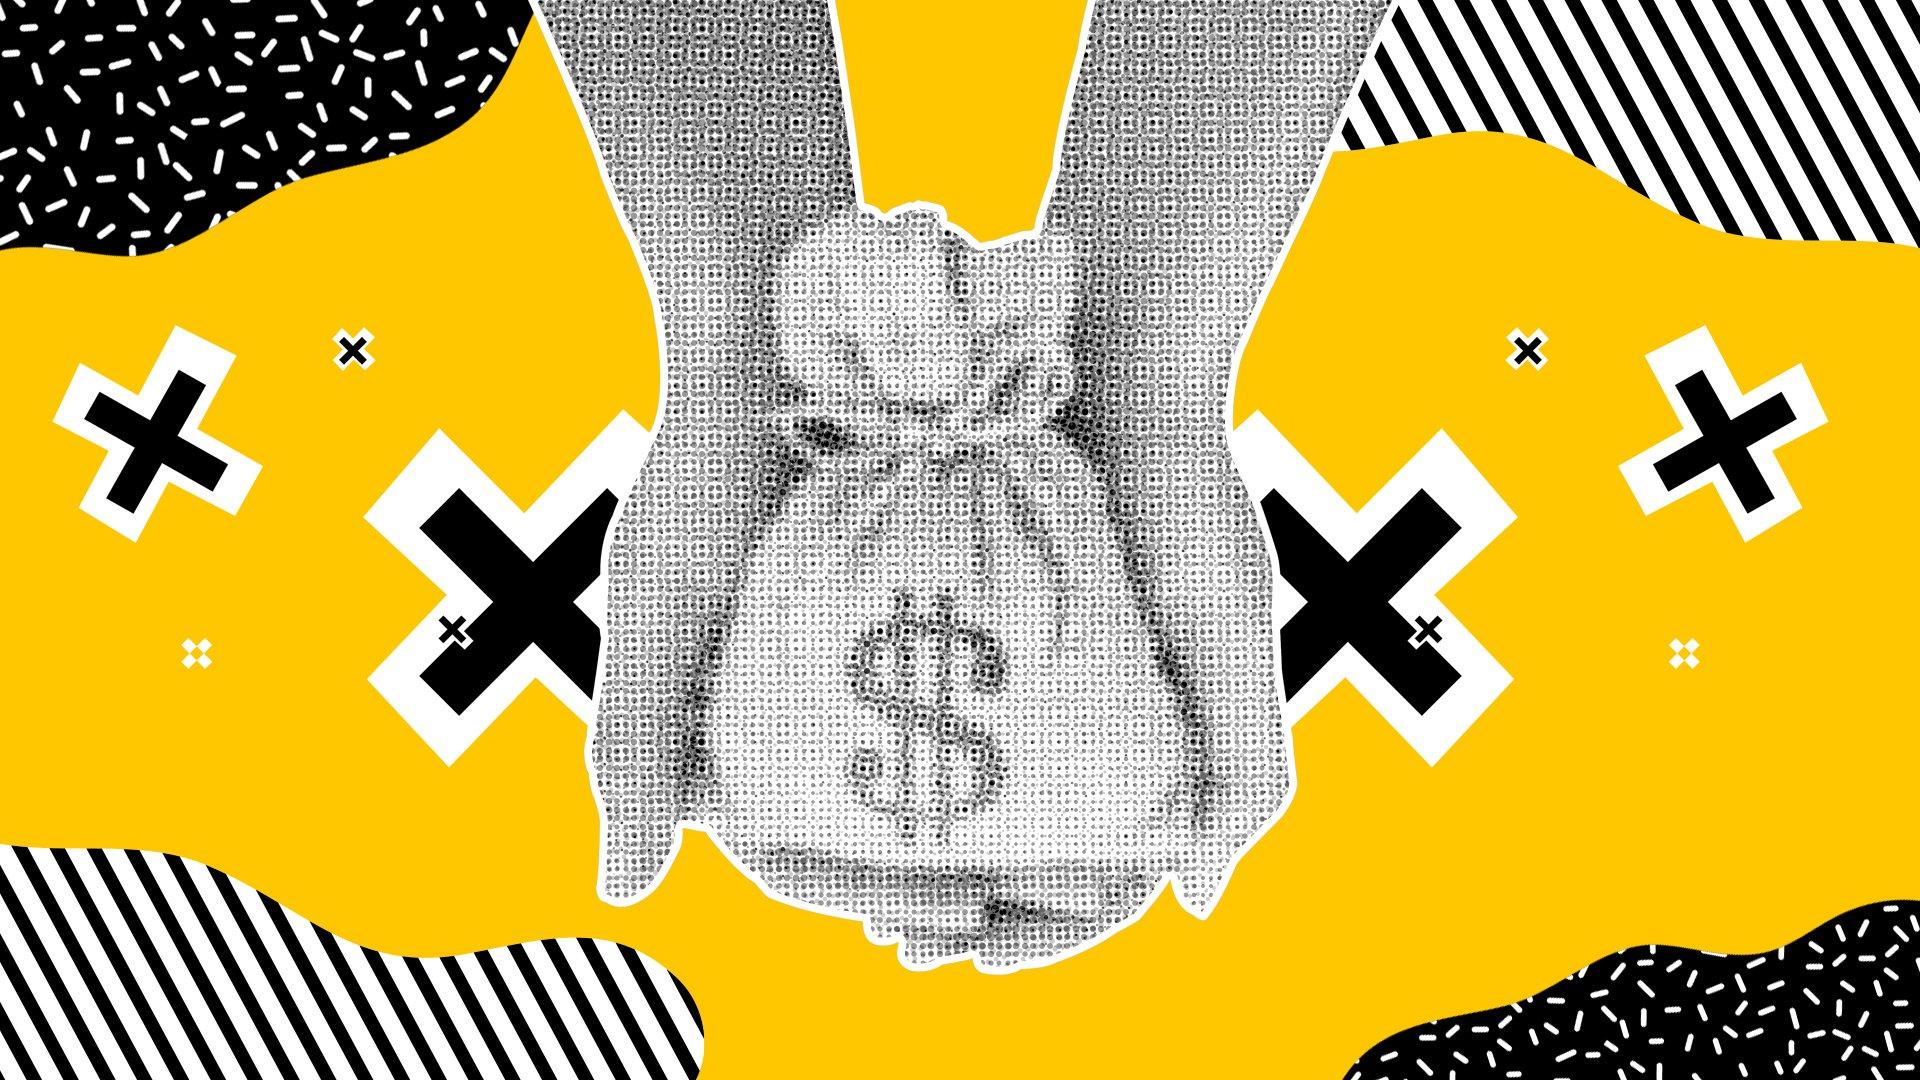 Customer experience: cos'è e perché è importante per aumentare i profitti e fatturato